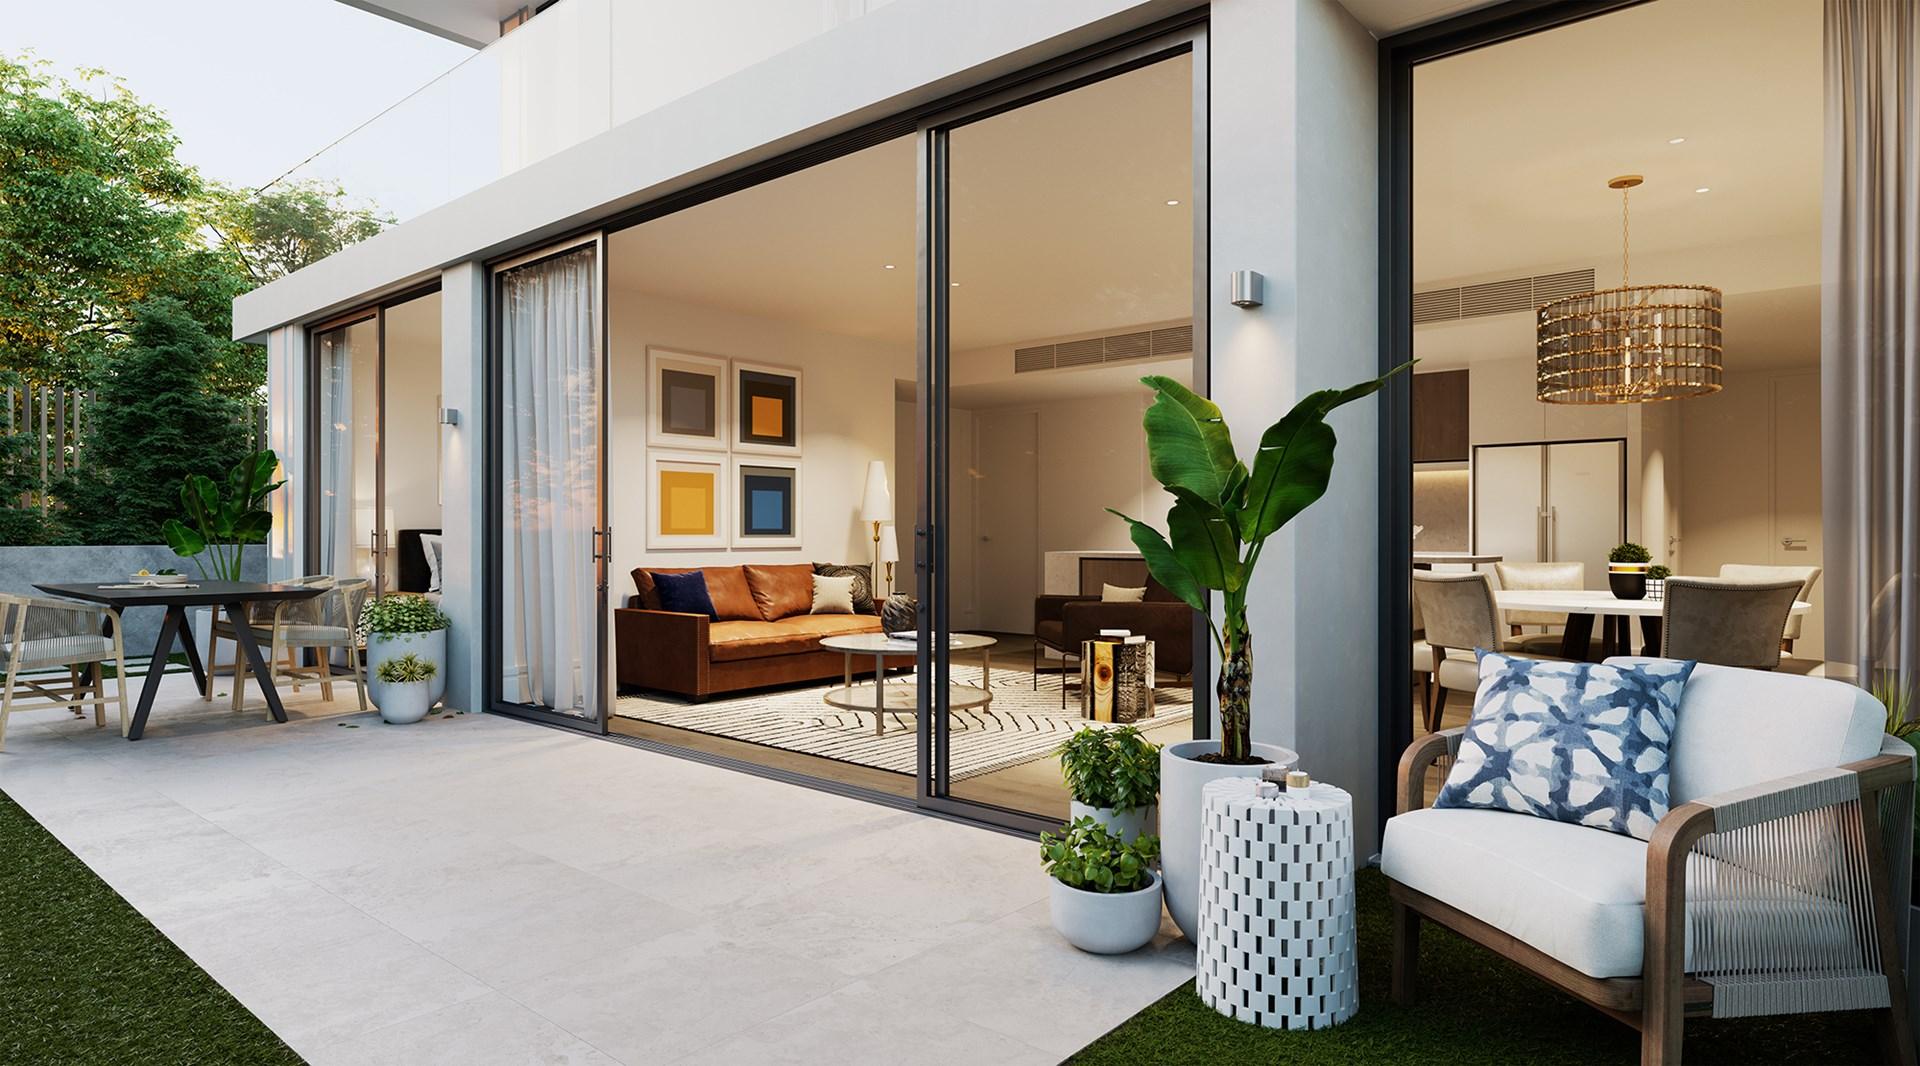 3 Bedroom Garden Apartment with Parking